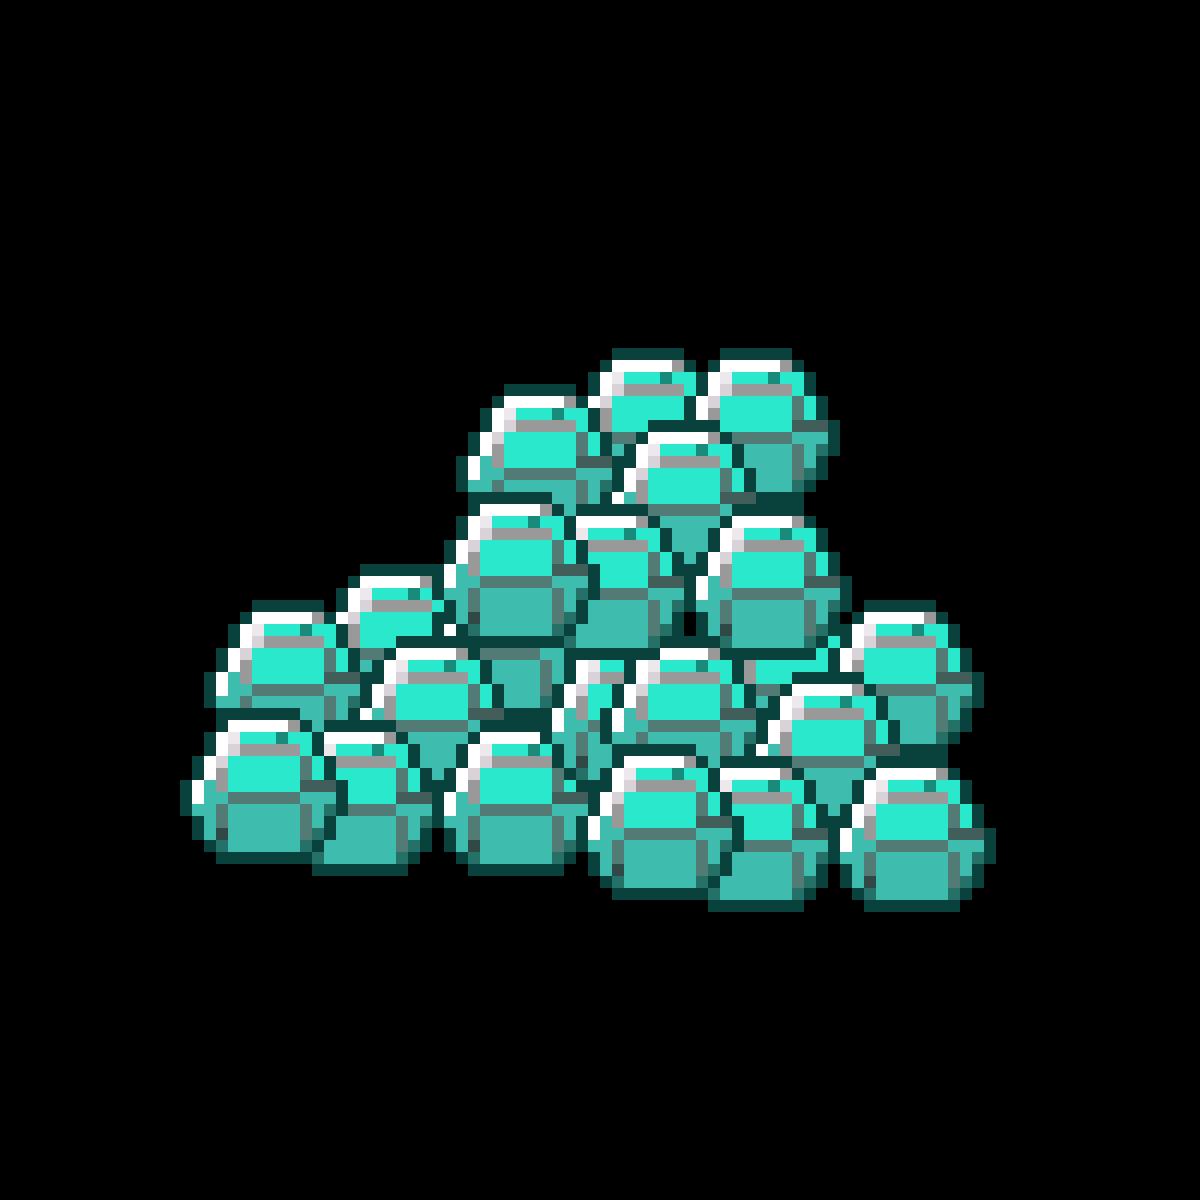 diamonds by ducky11